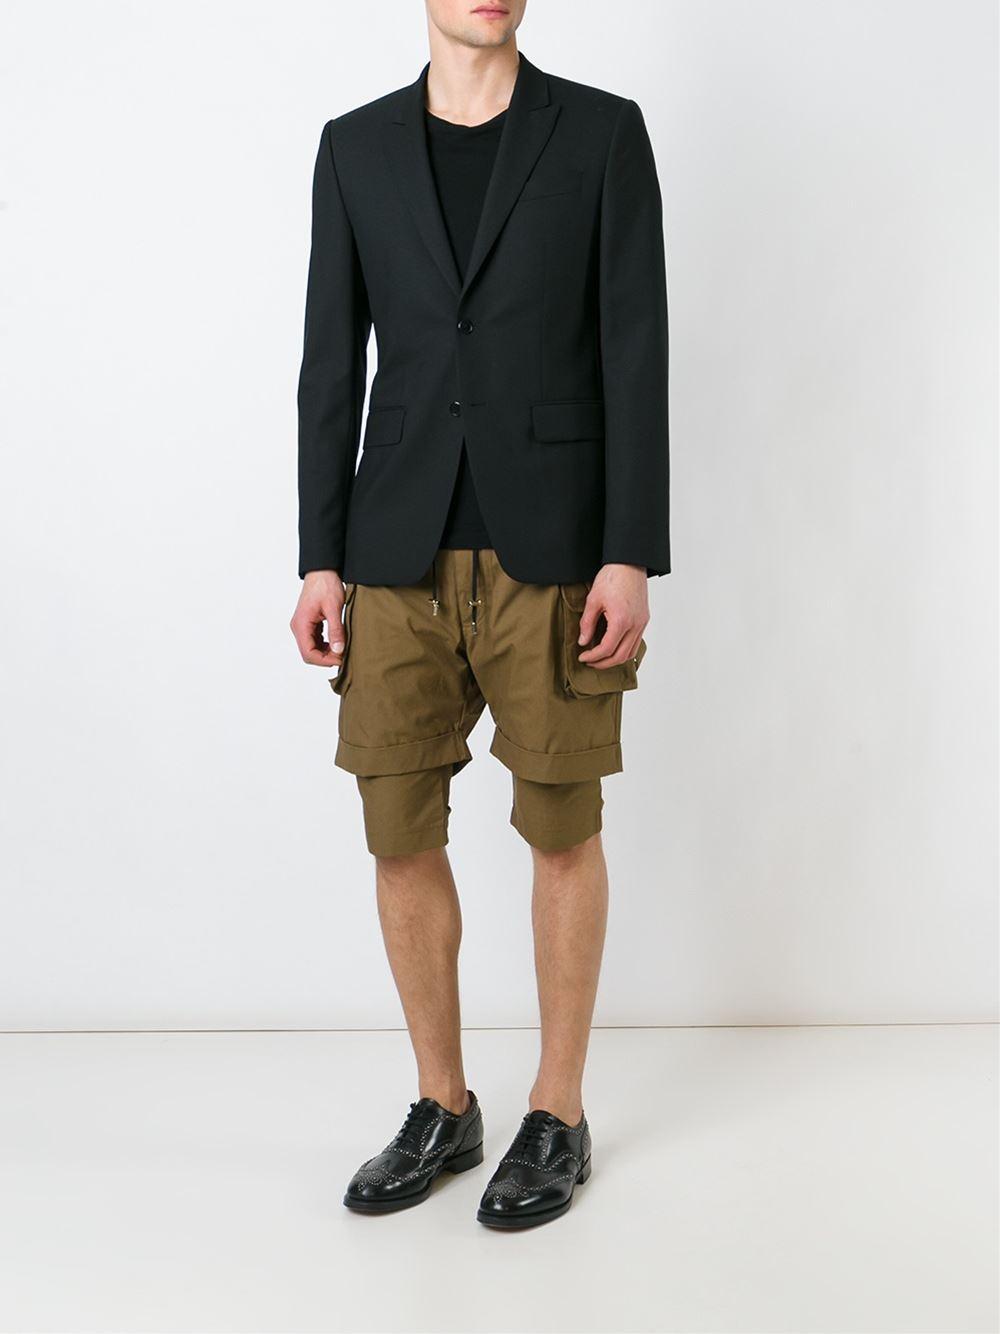 ハイブランド夏ファッションアイテム (11)